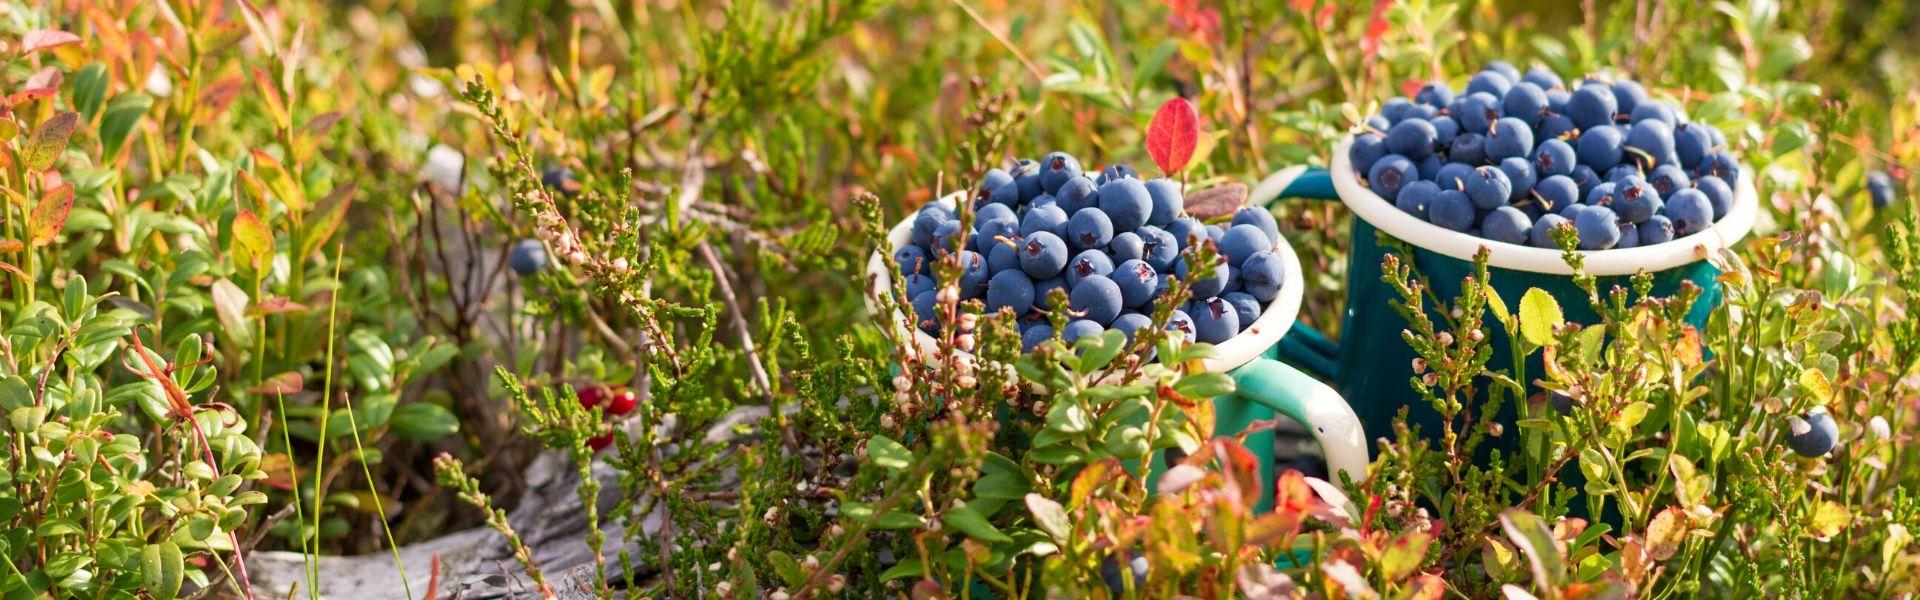 sügisene loodus, mustikad topsis. Foto: pixabay.com